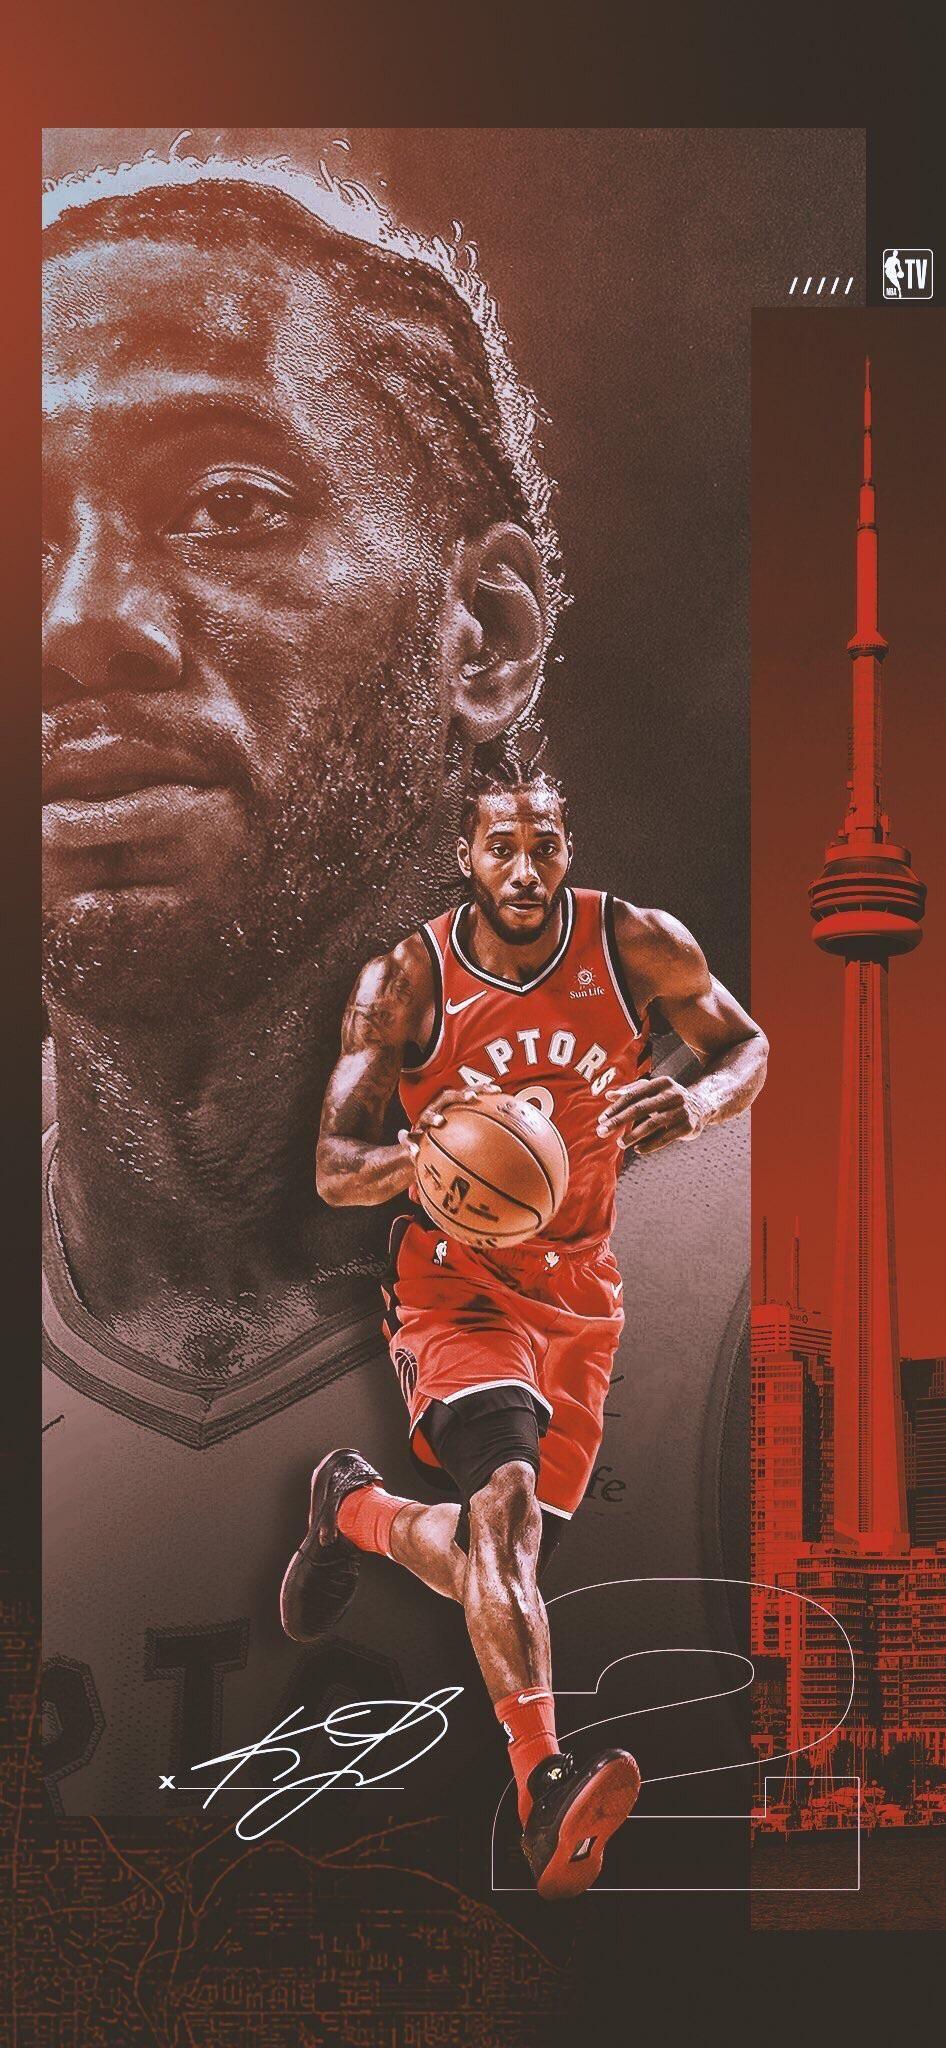 Toronto Raptors Wallpaper Raptors Wallpaper Raptors Basketball Nba Wallpapers